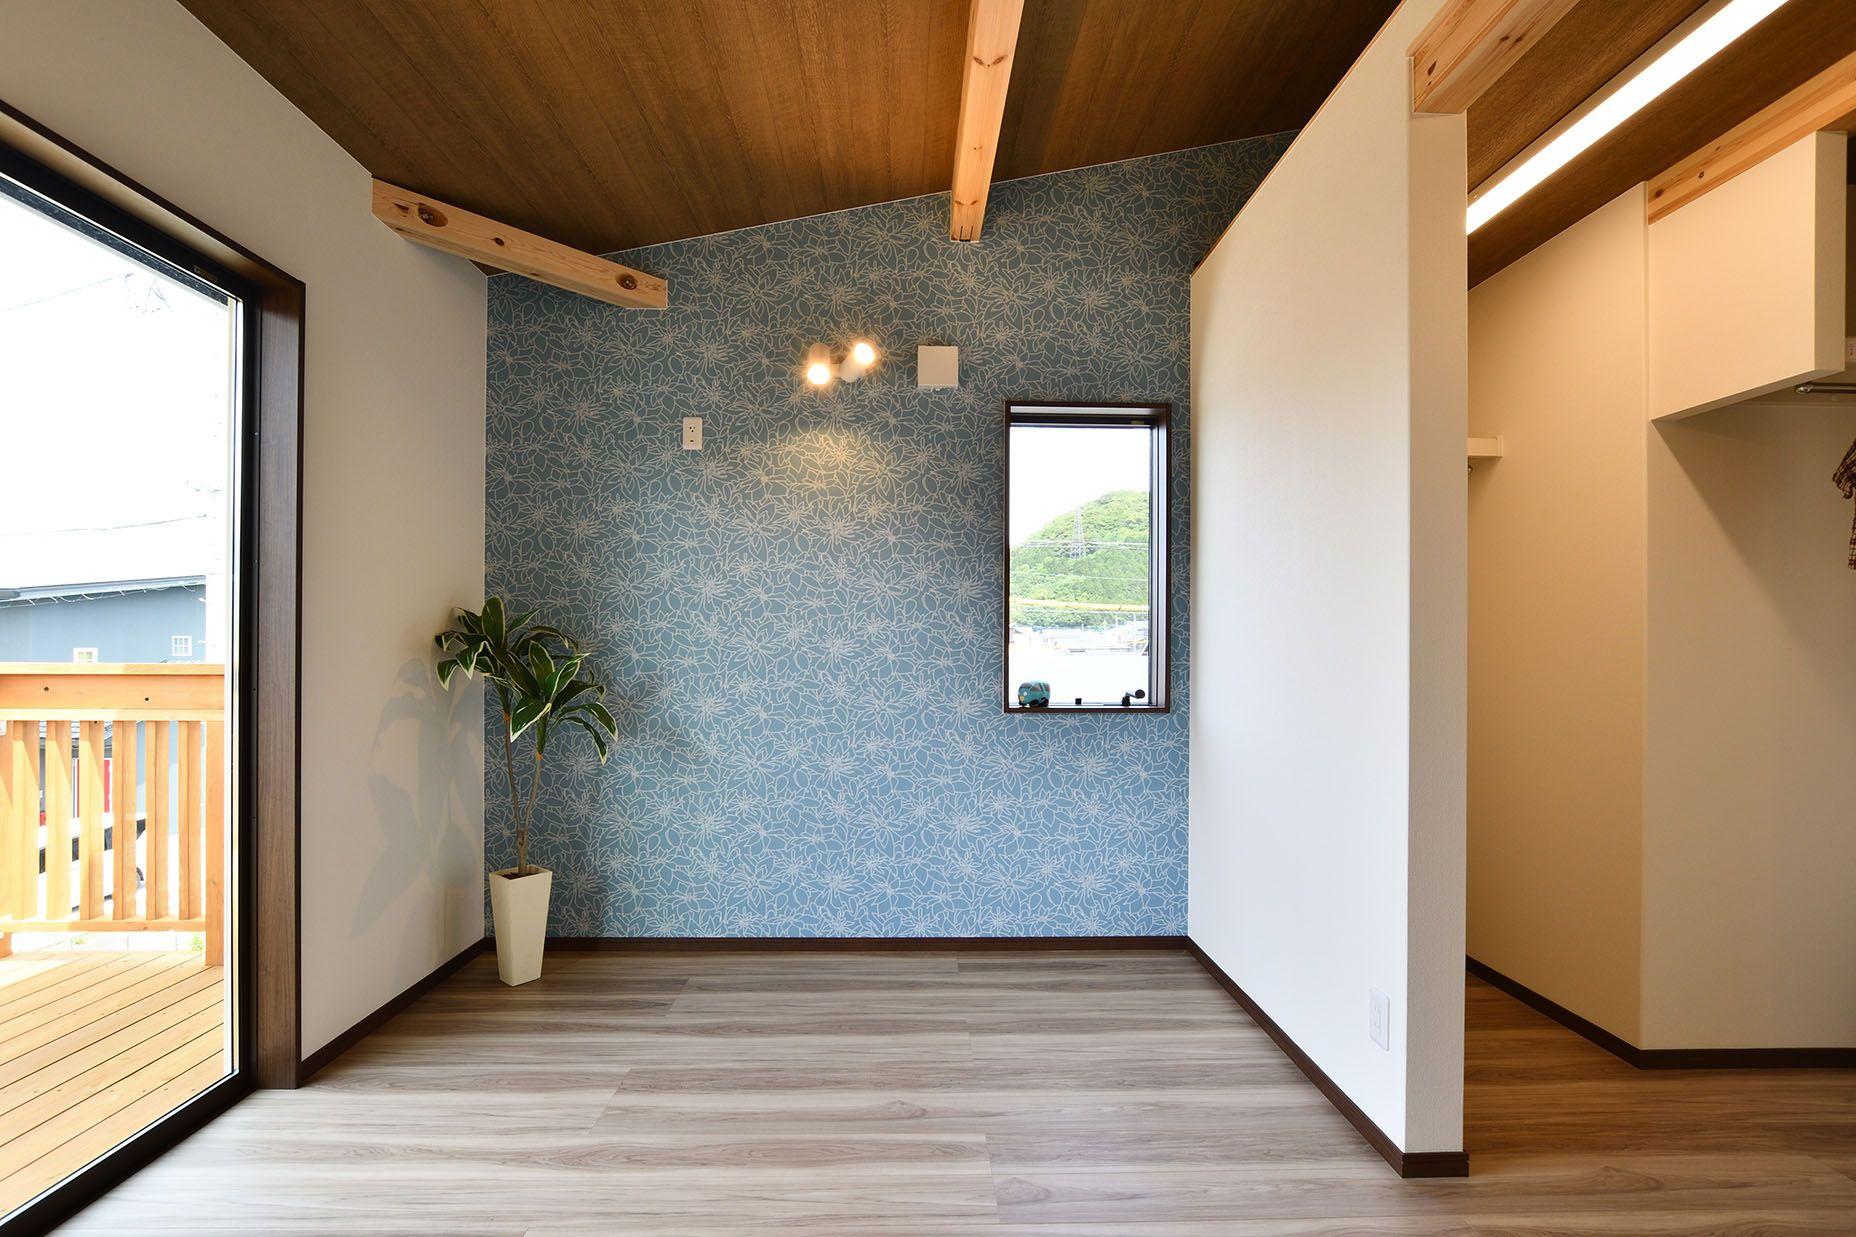 寝室 壁紙 アクセントクロス 納戸 ウォークインクローゼット